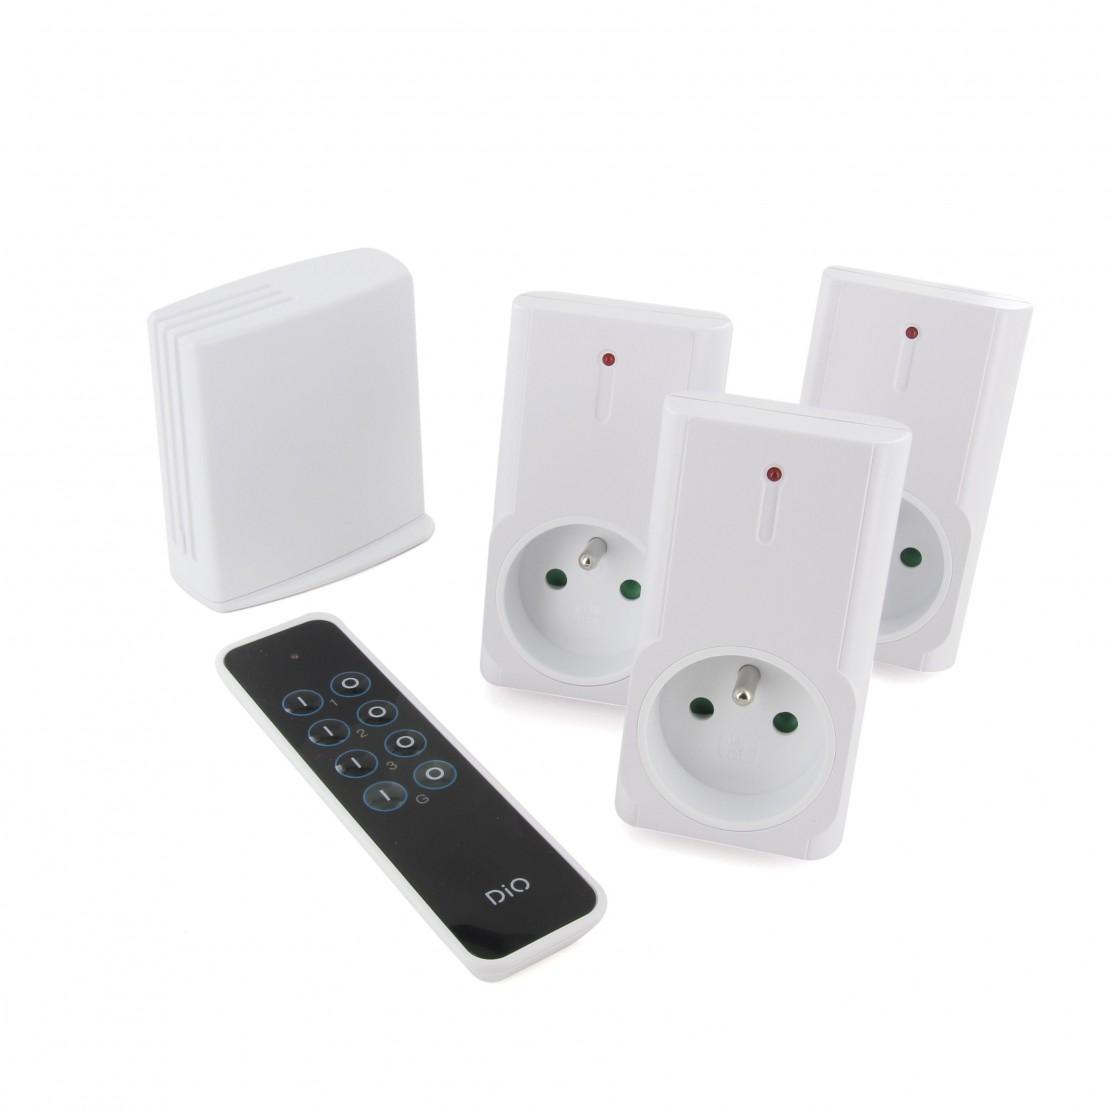 Conjunto de 3 tomadas On/Off, telecomando e LiteBox - programador Bluetooth